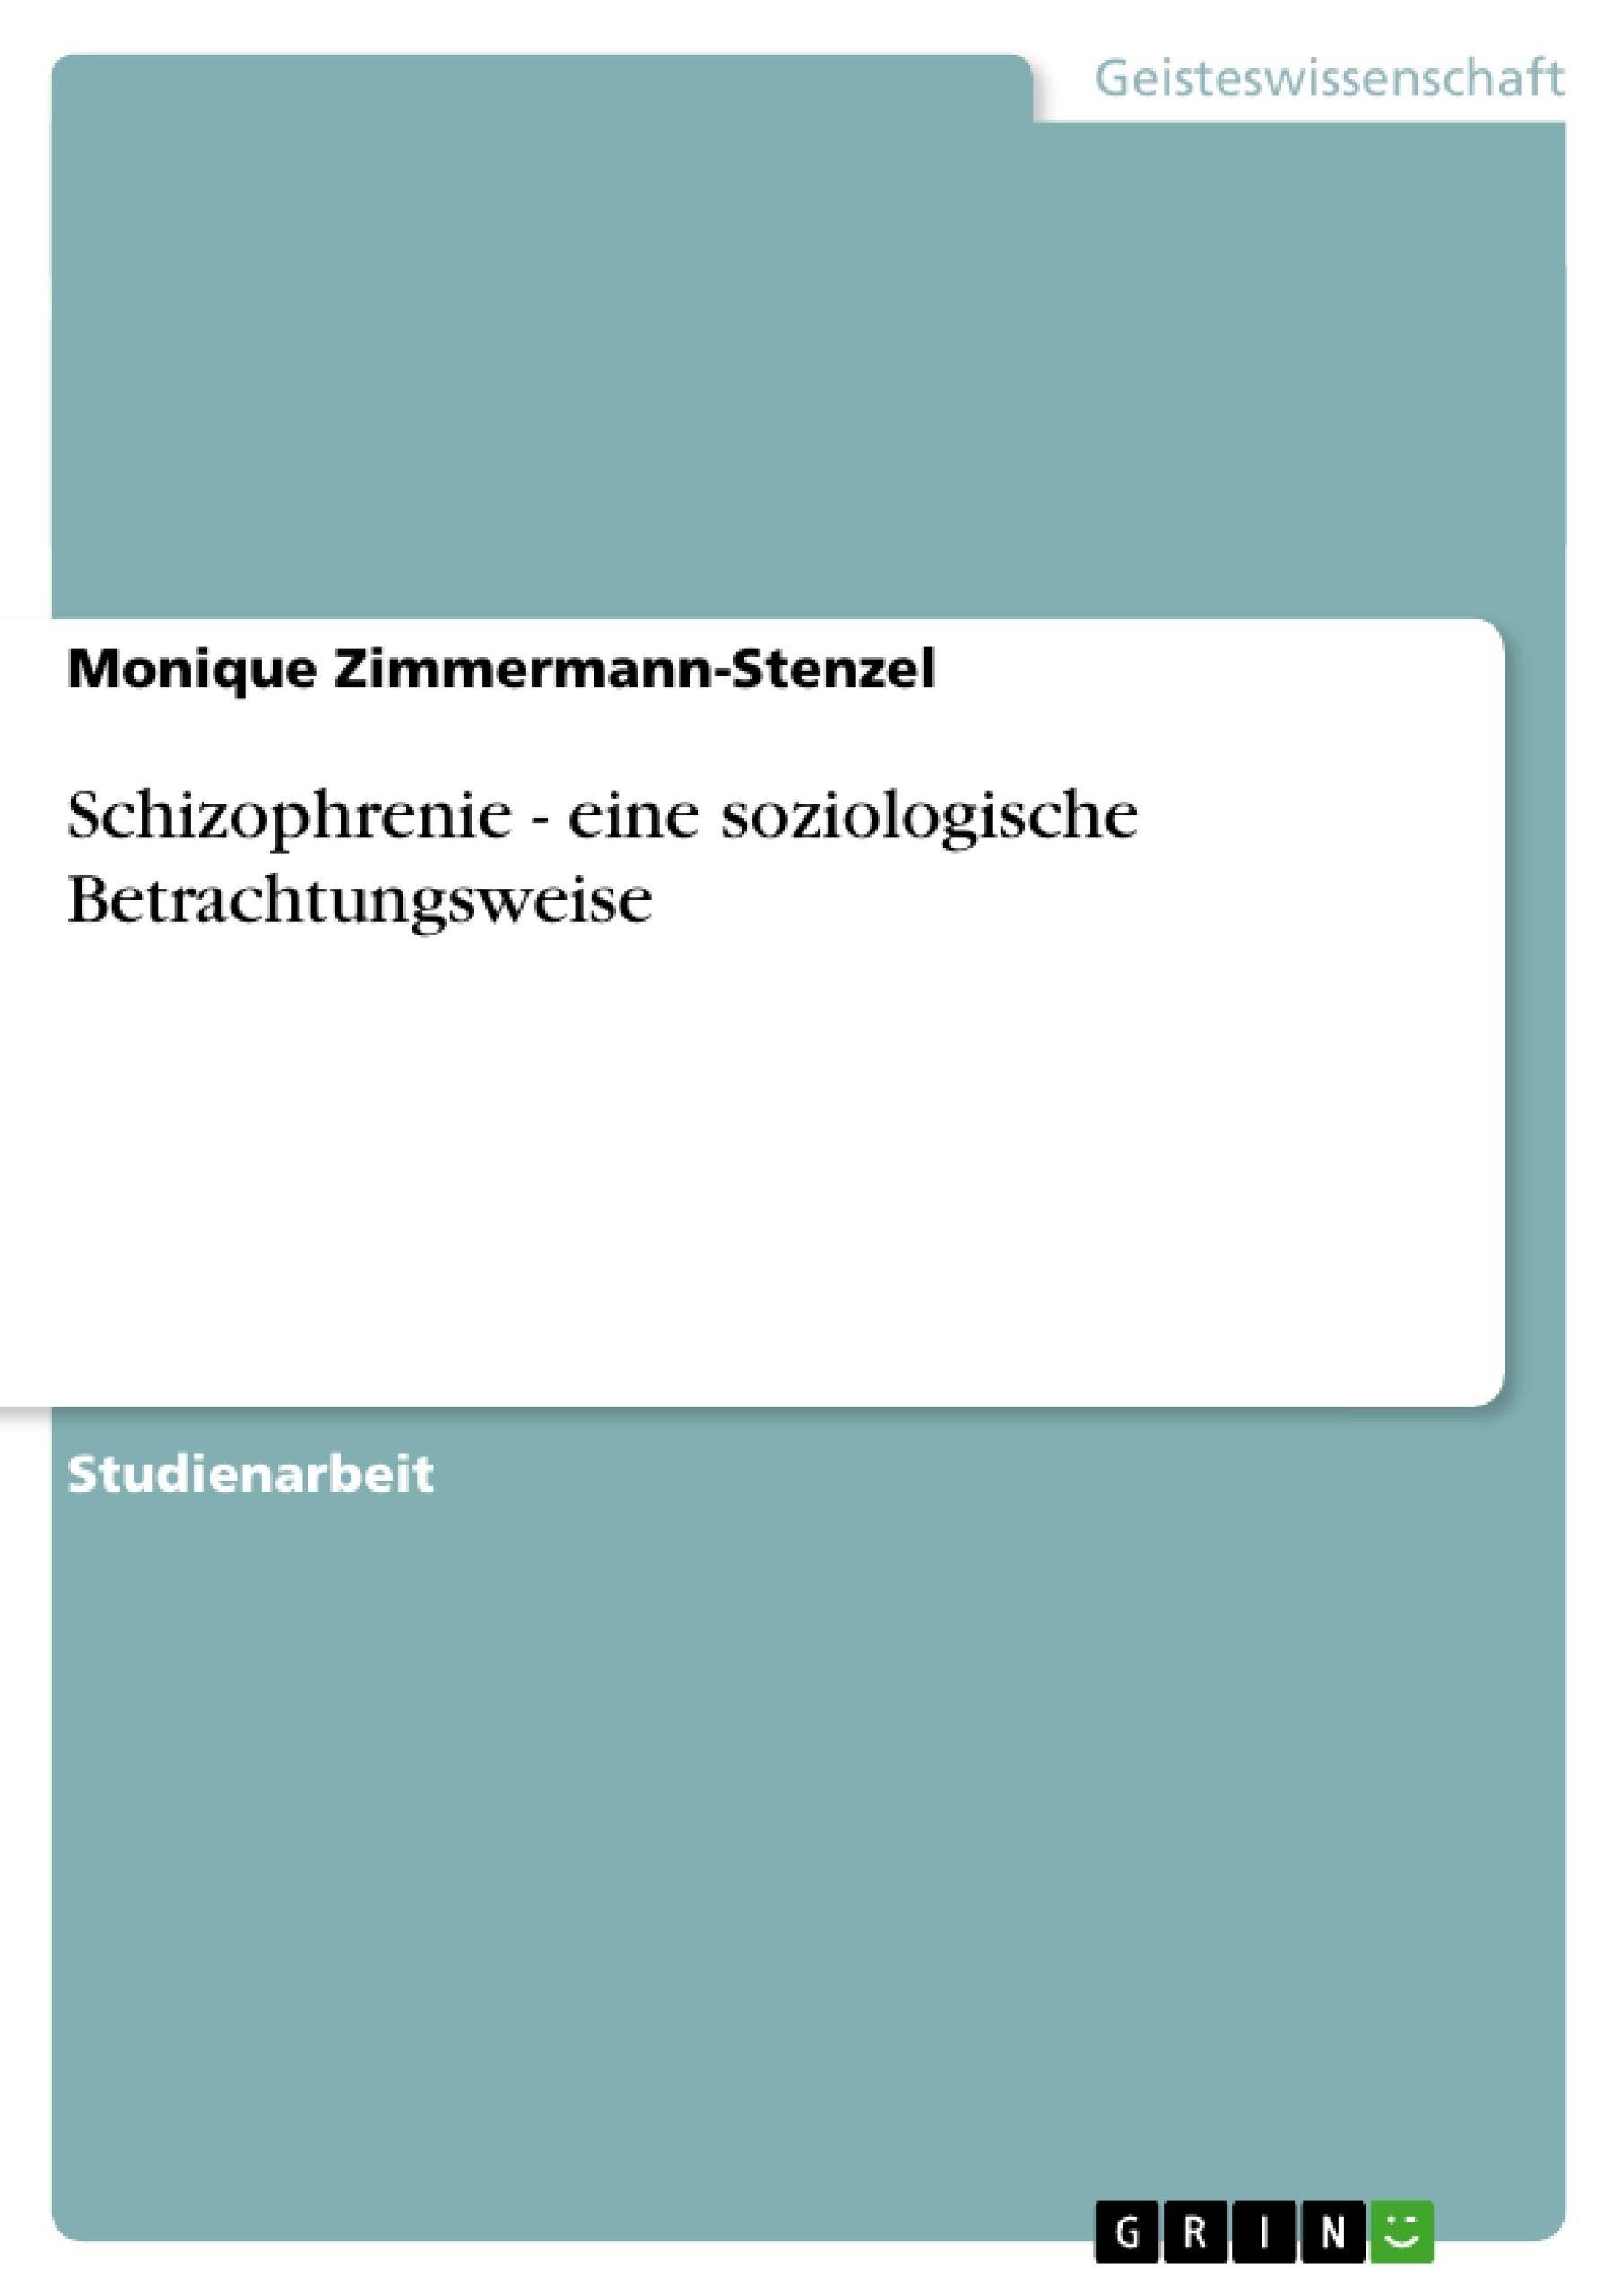 Titel: Schizophrenie - eine soziologische Betrachtungsweise